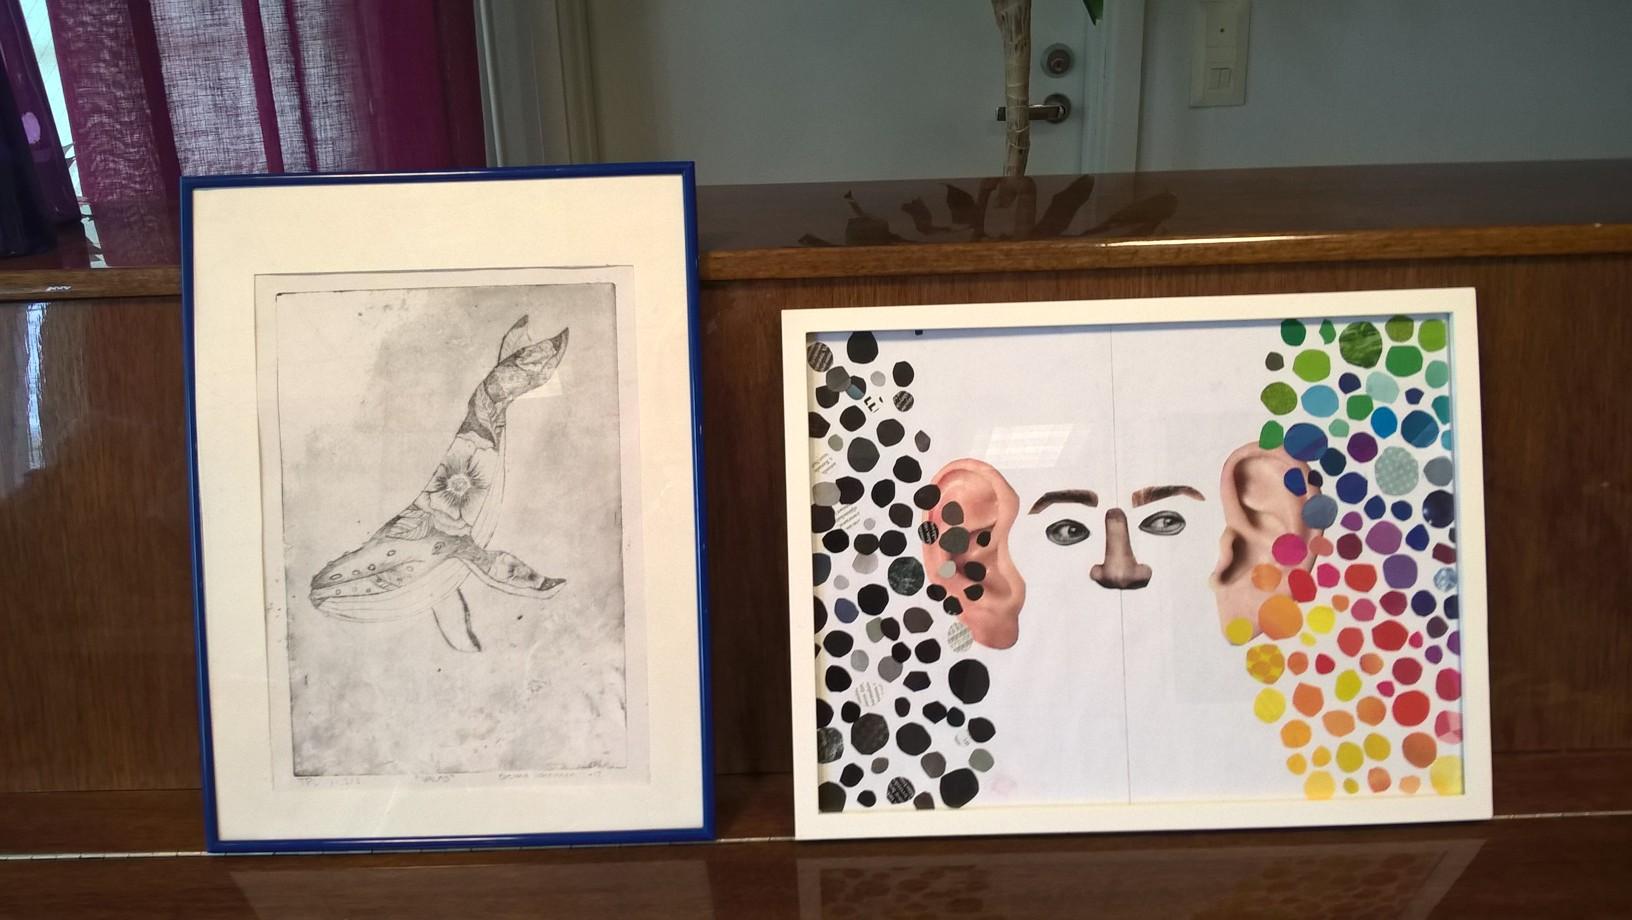 Taidekilpailun kuvataide sarjan kunniamaininta